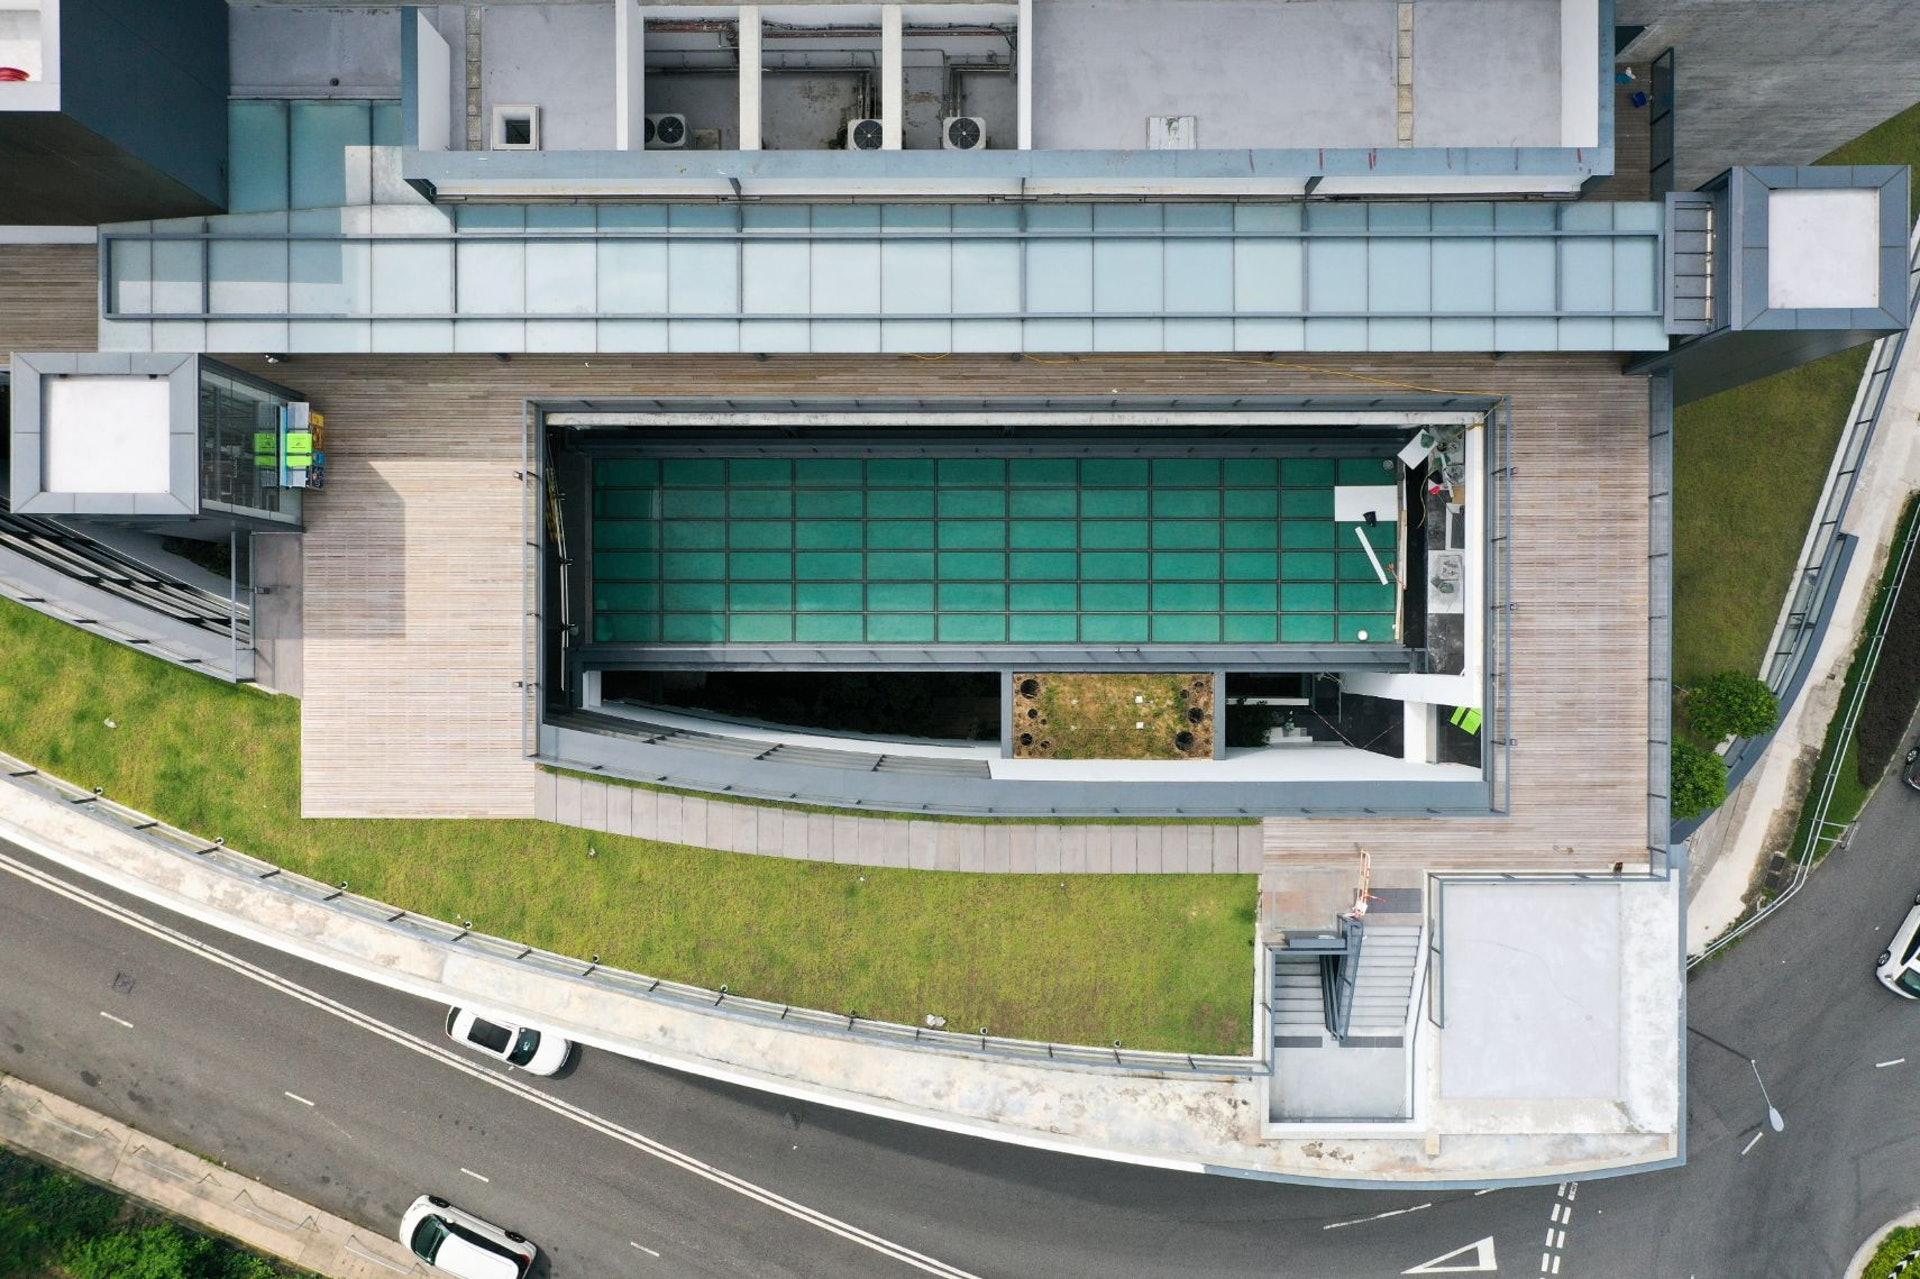 車公廟體育館去年落成,尚未正式開放使用,最近有國際建築網站刊登它的照片,引起討論。(余俊亮 攝)